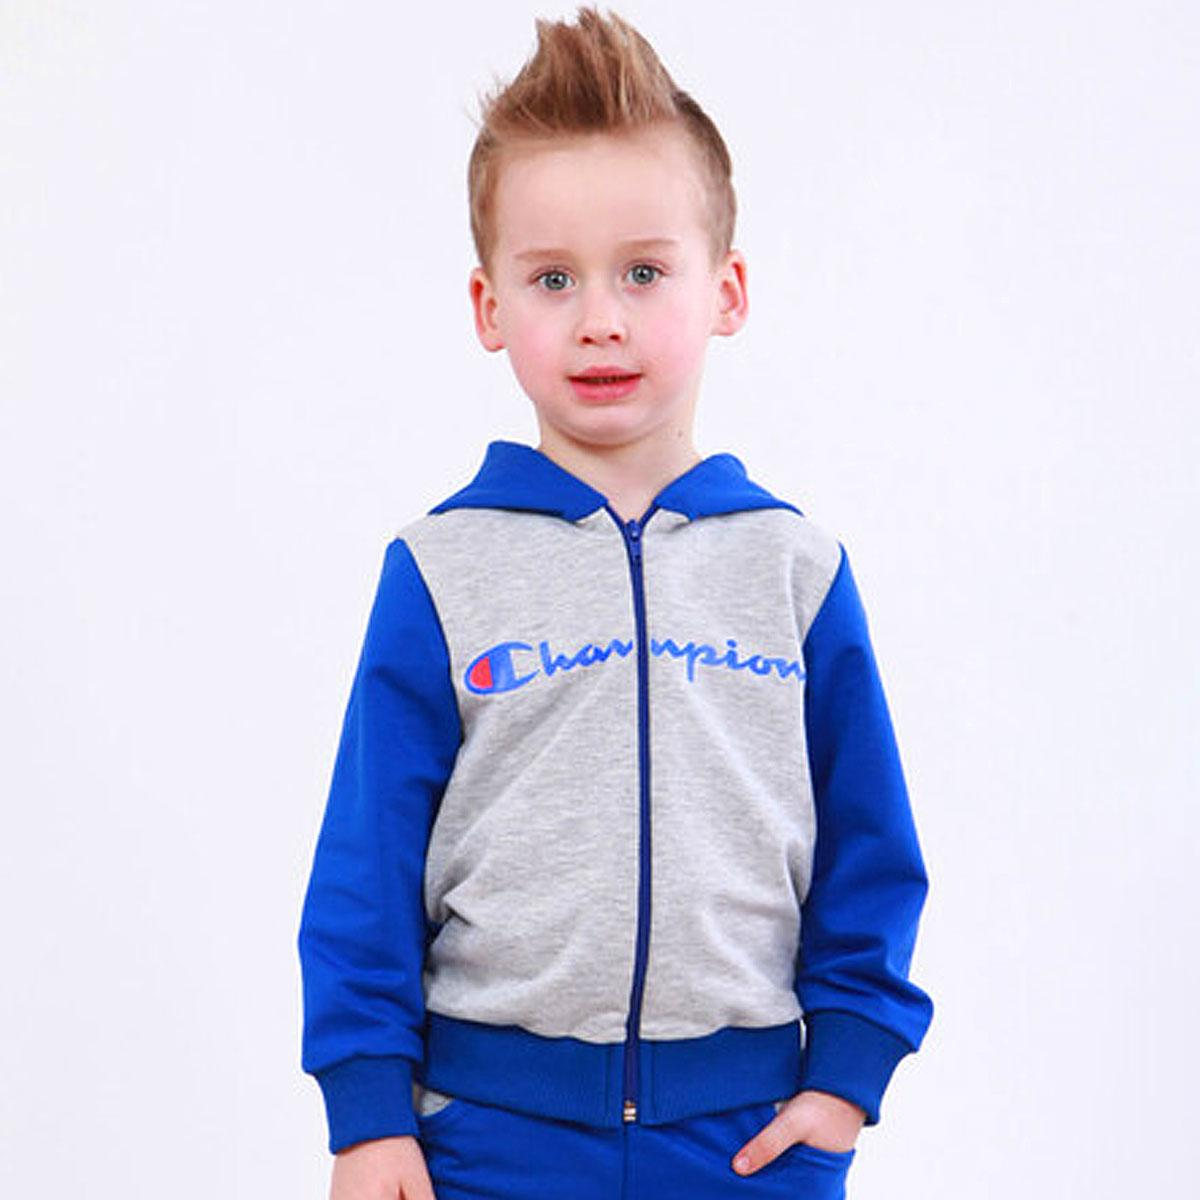 Спортивная детская кофта с принтом для мальчика Amodeski двухнитка